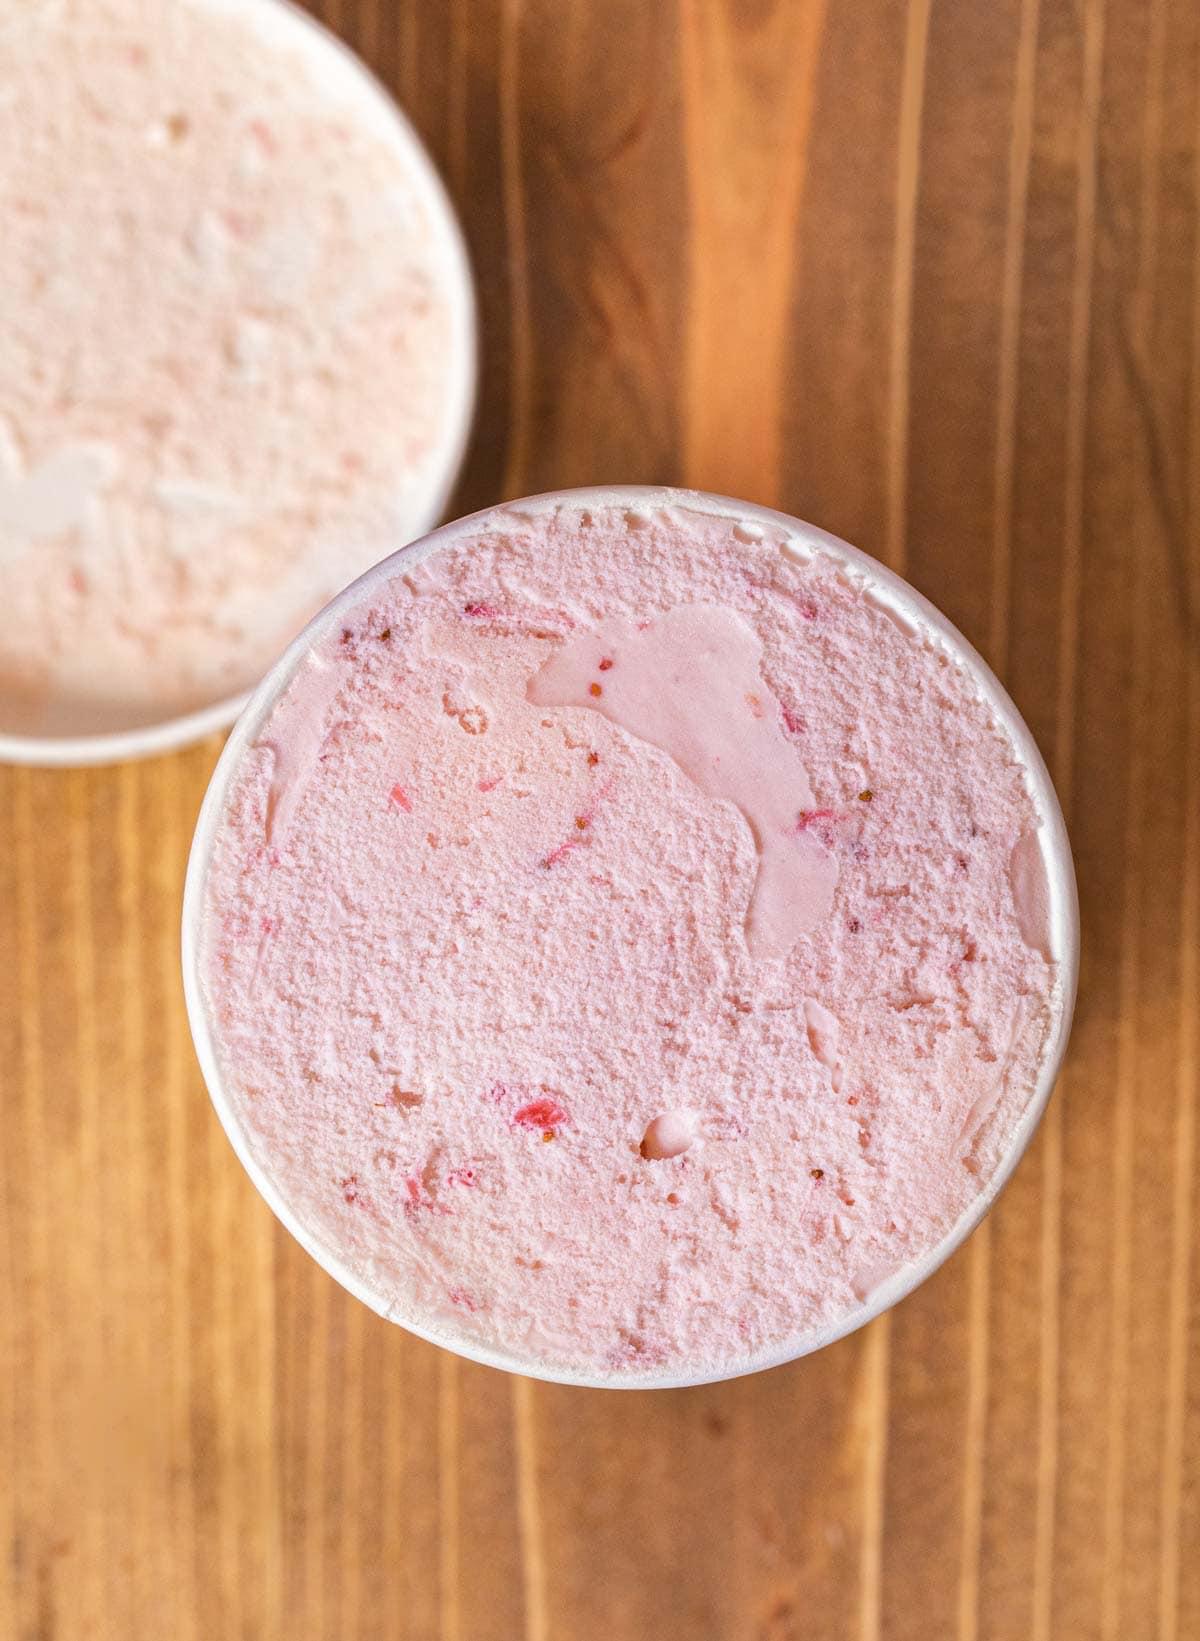 Strawberry Ice Cream in ice cream freezer carton